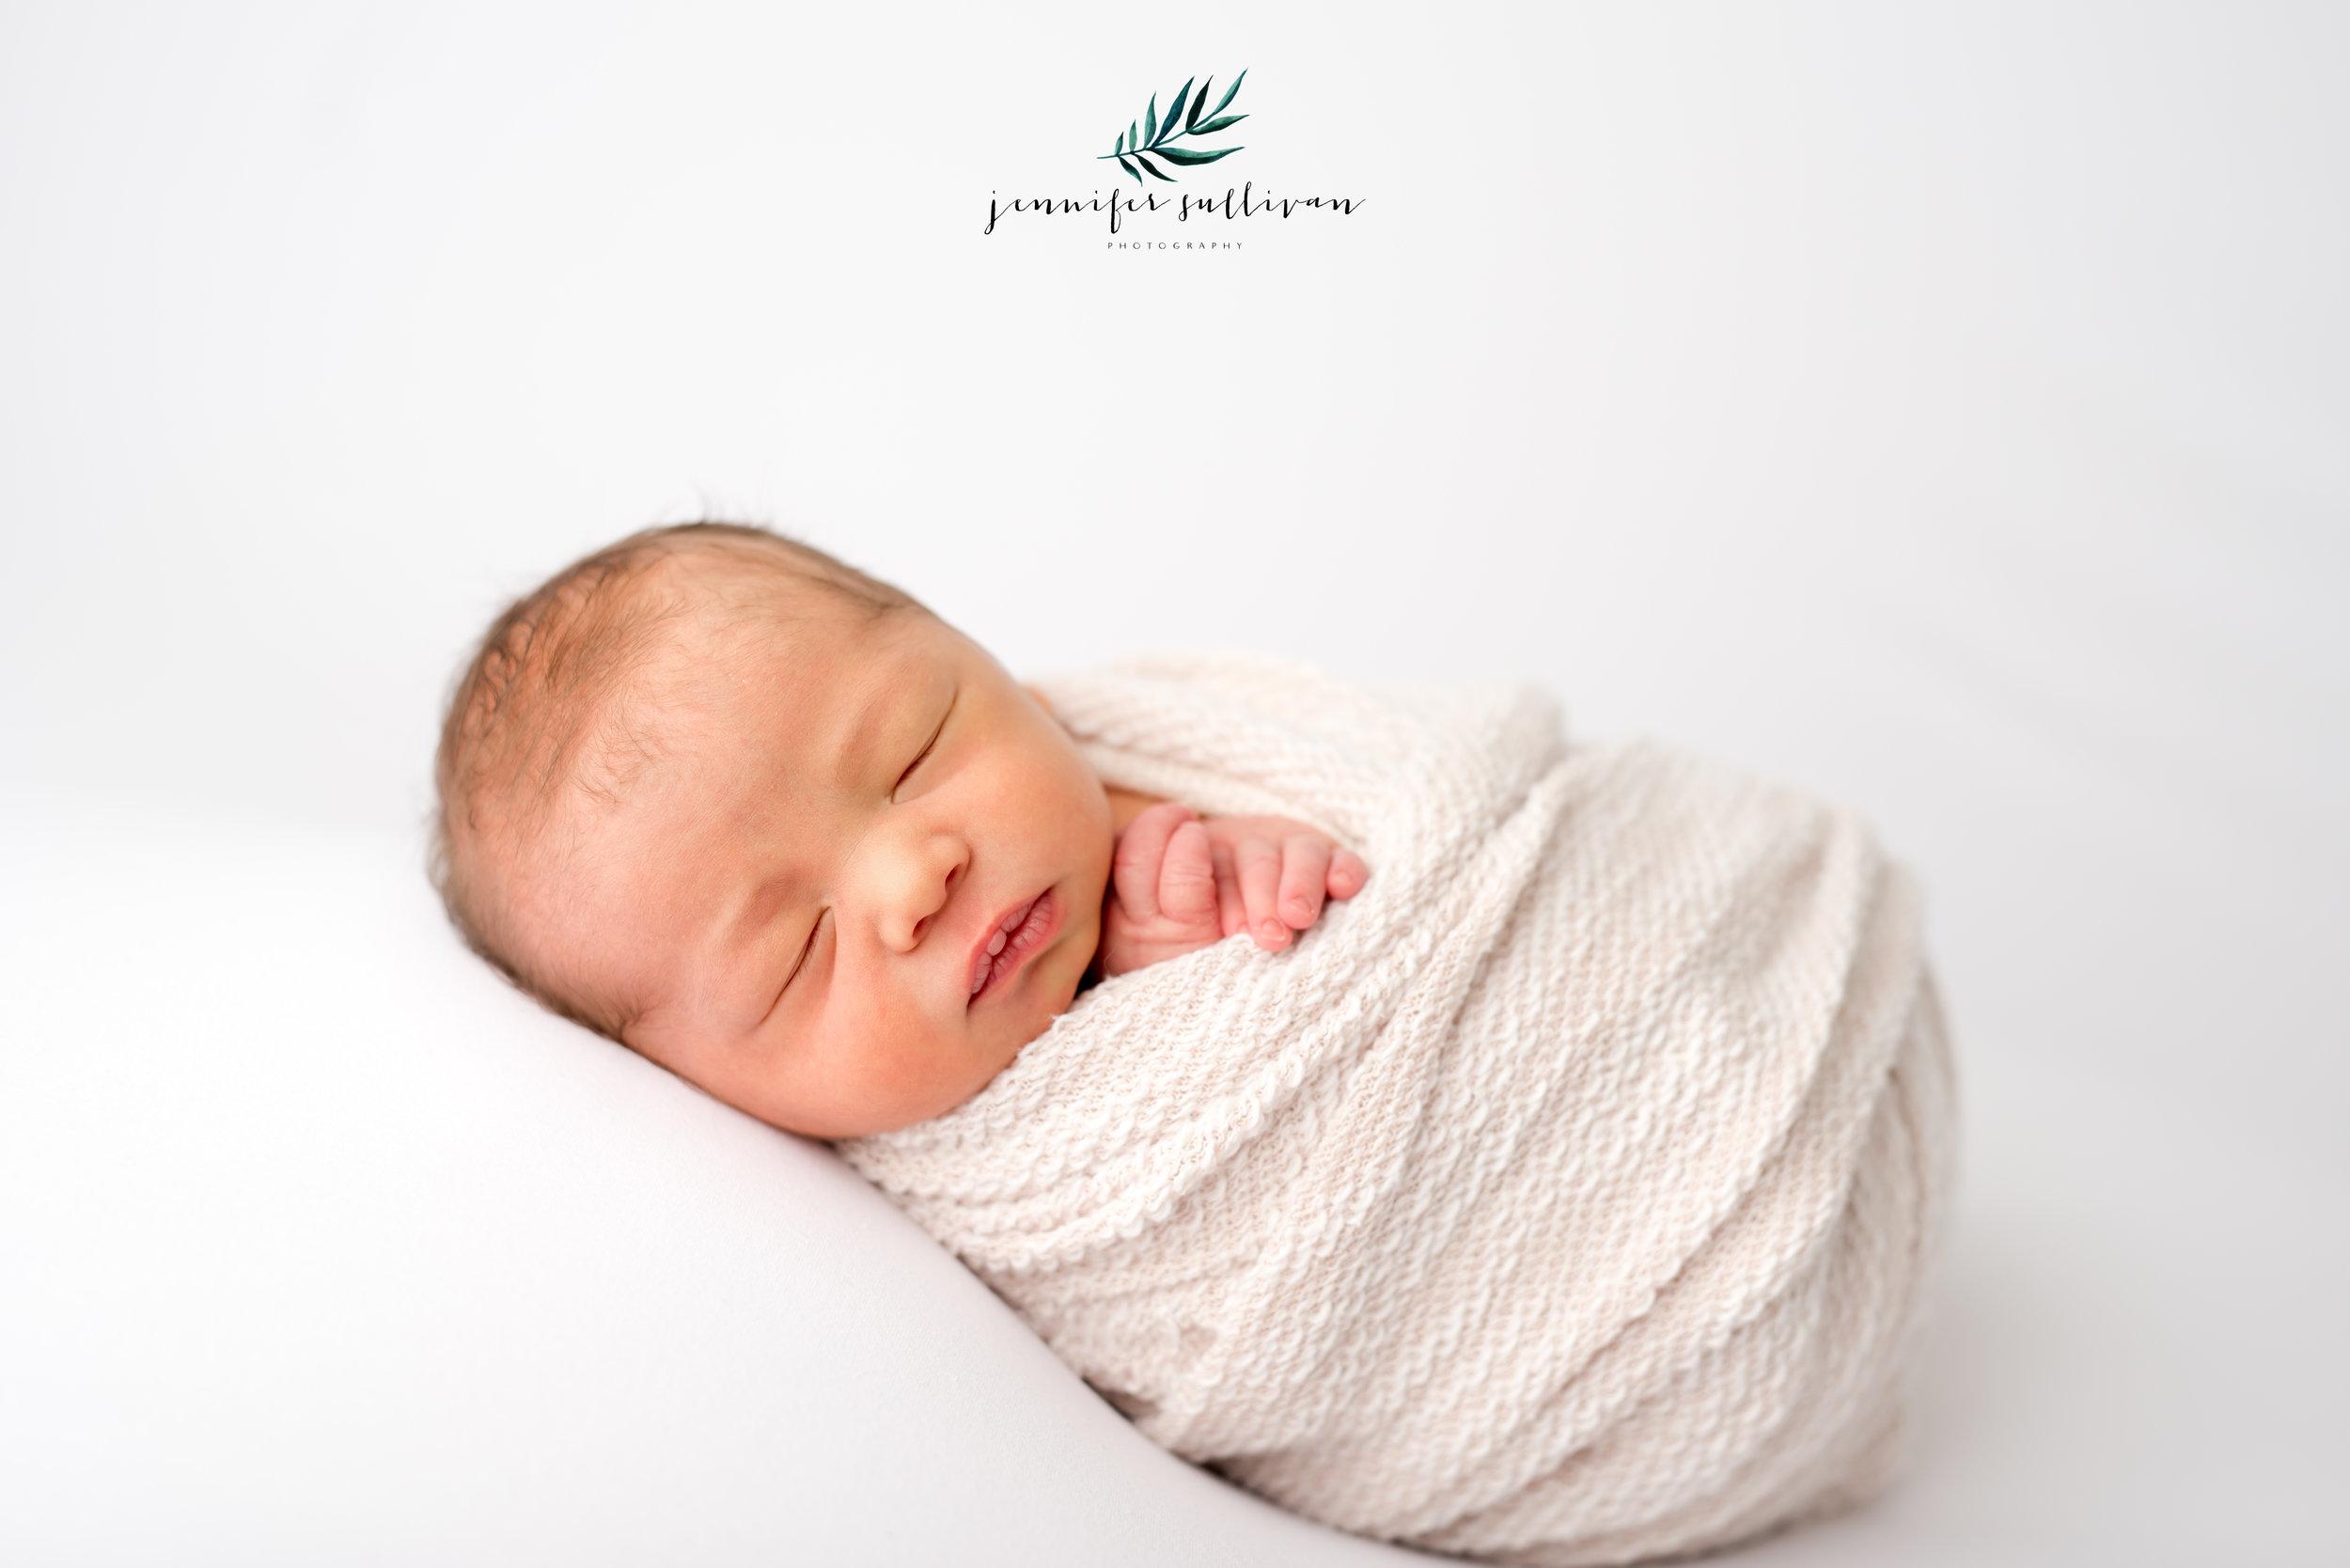 dartmouth baby photographer newborn-400-5.jpg